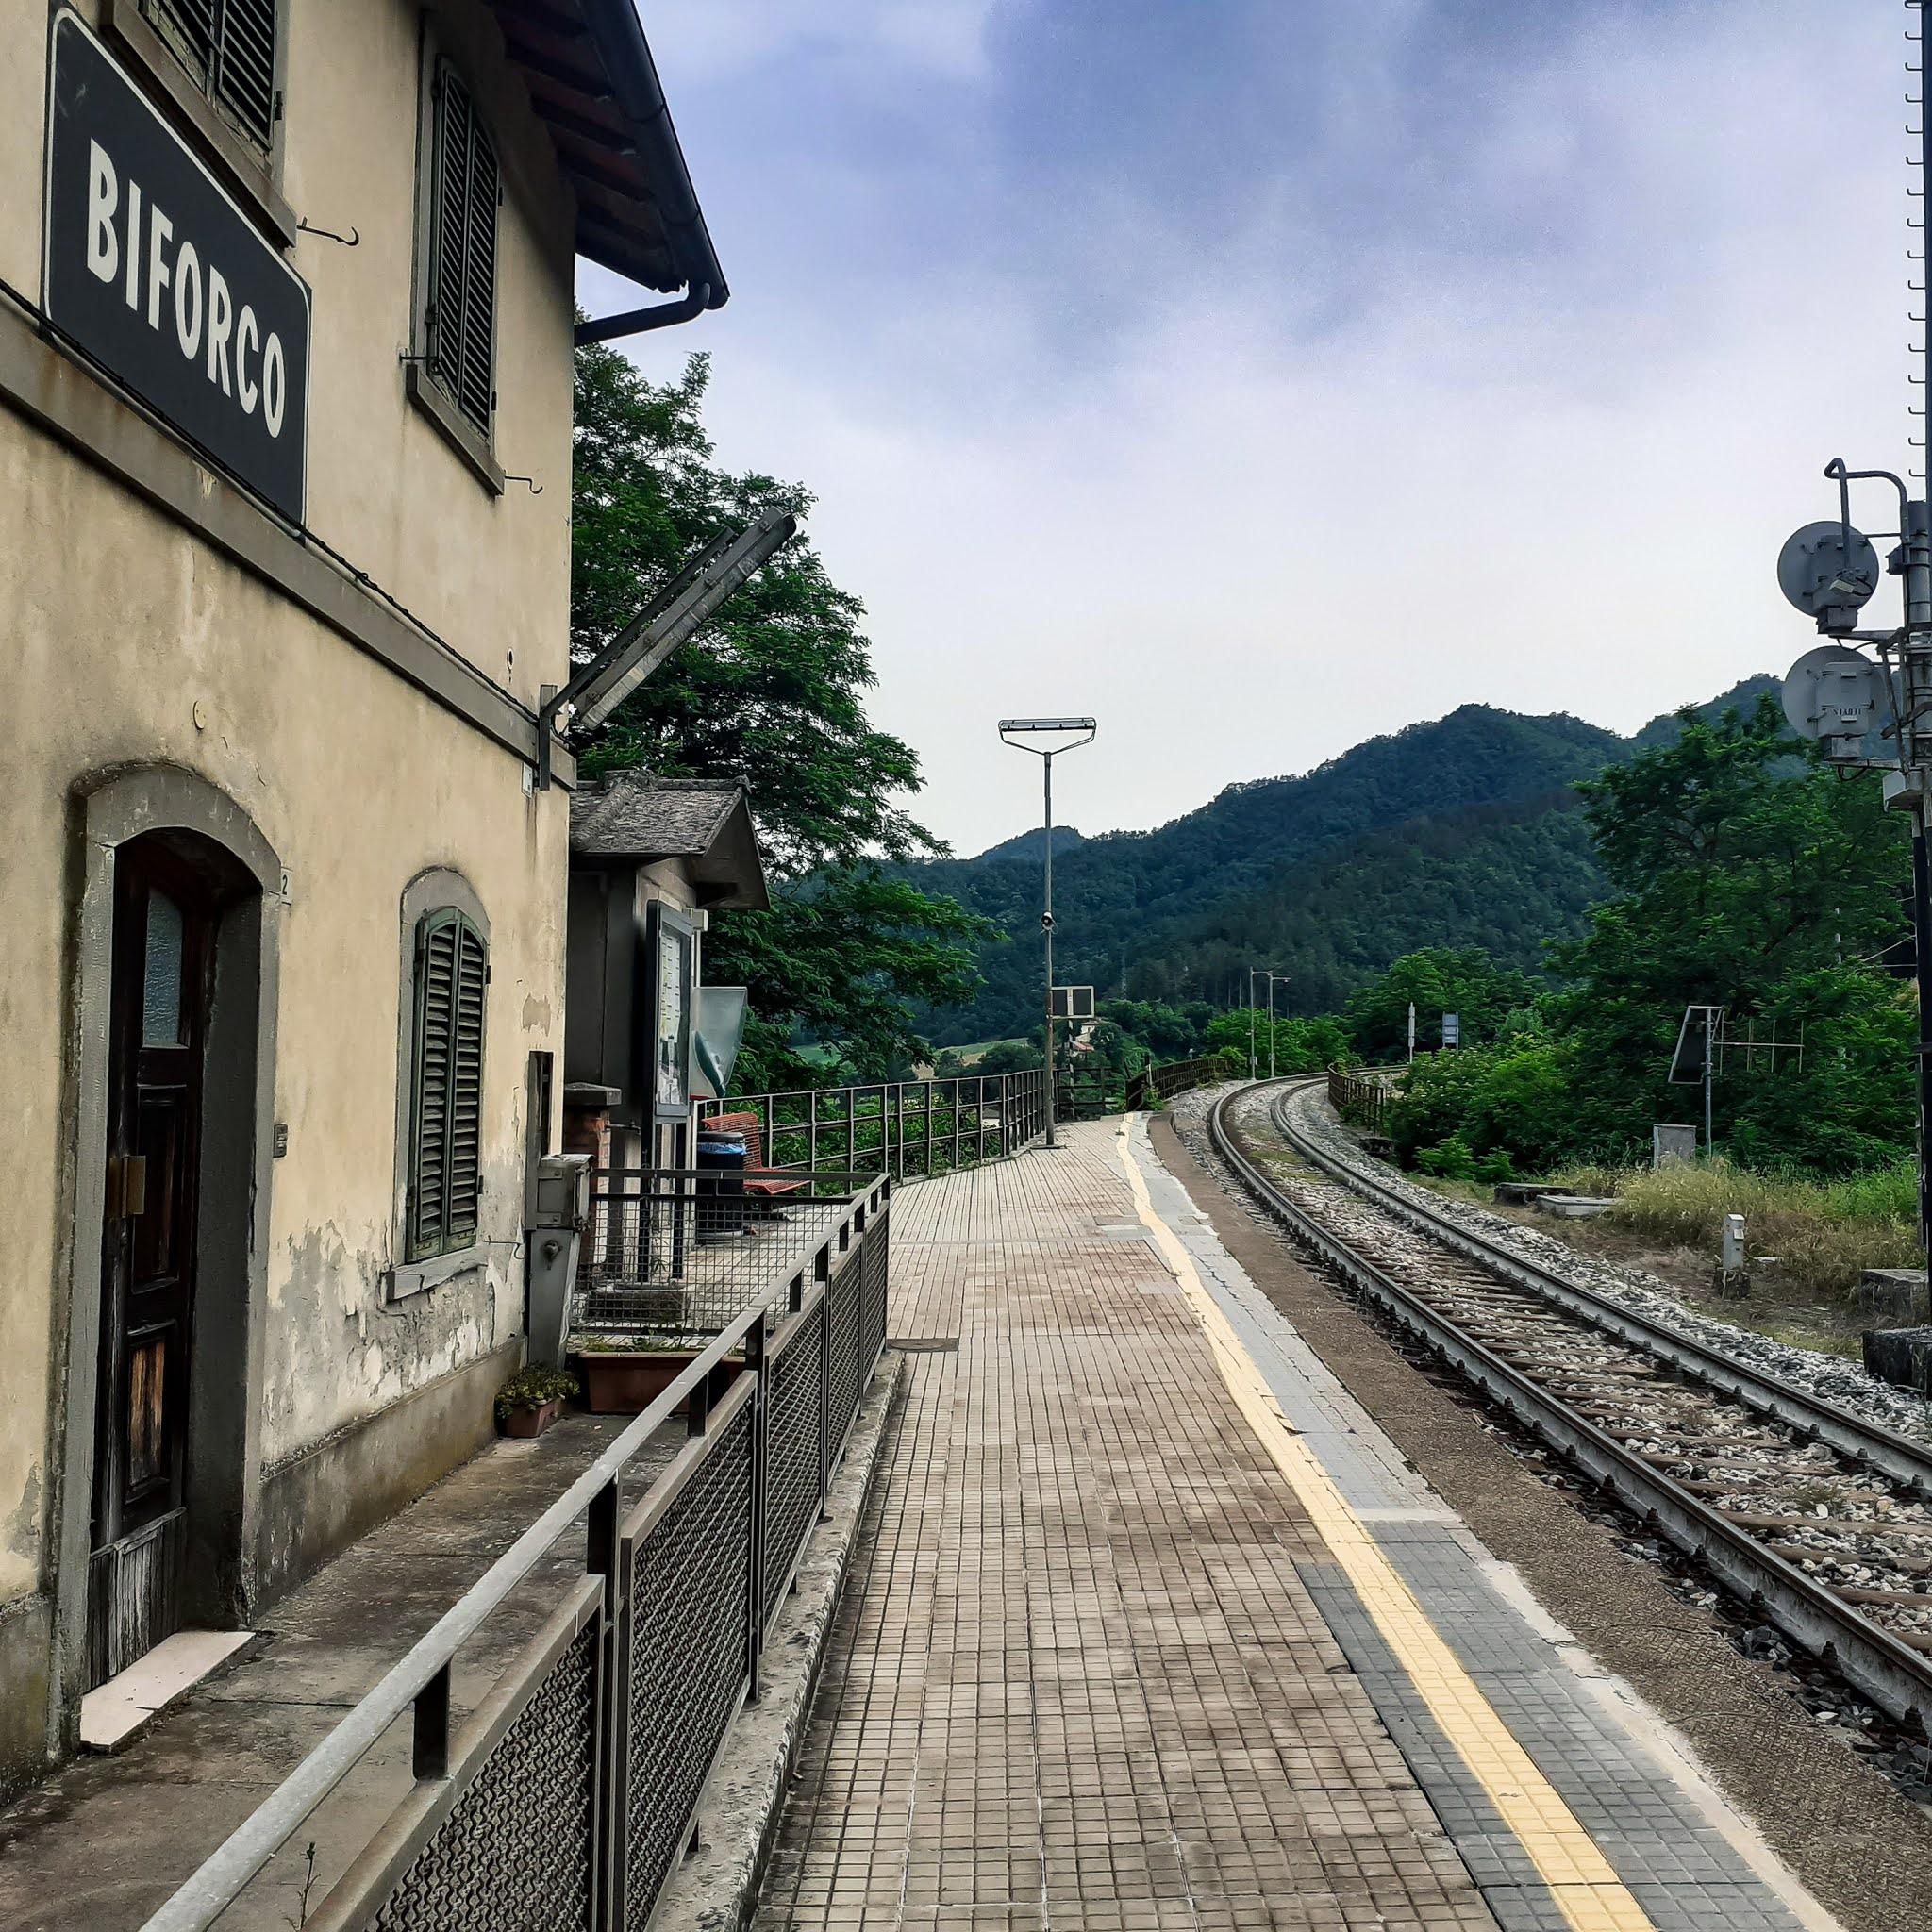 Stacja w Biforco Dom z Kamienia